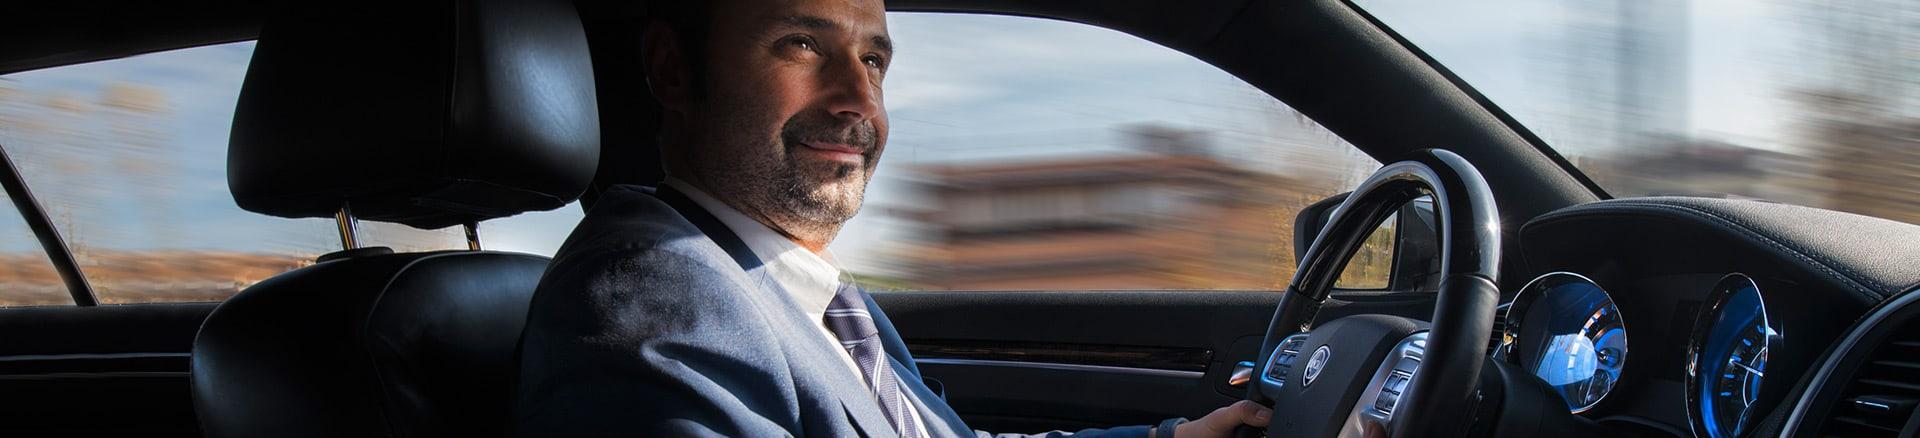 autista-uomo-guida-auto